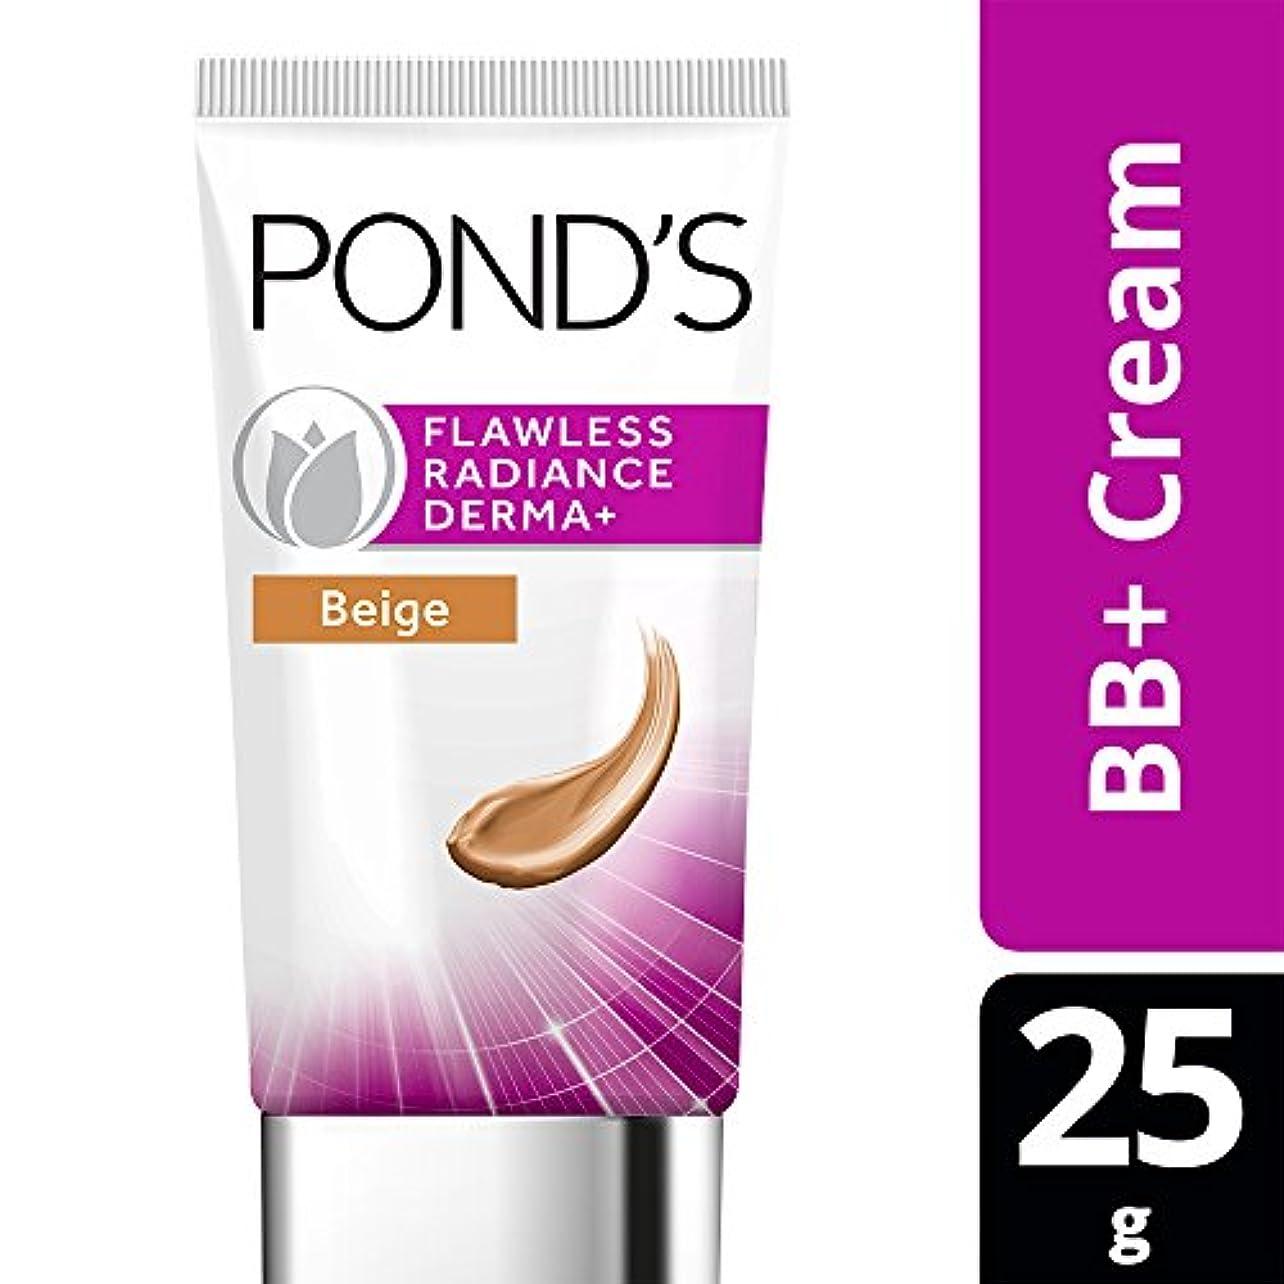 魔術師修復哲学博士POND'S Flawless Radiance Derma+ BB Cream Beige, 25g